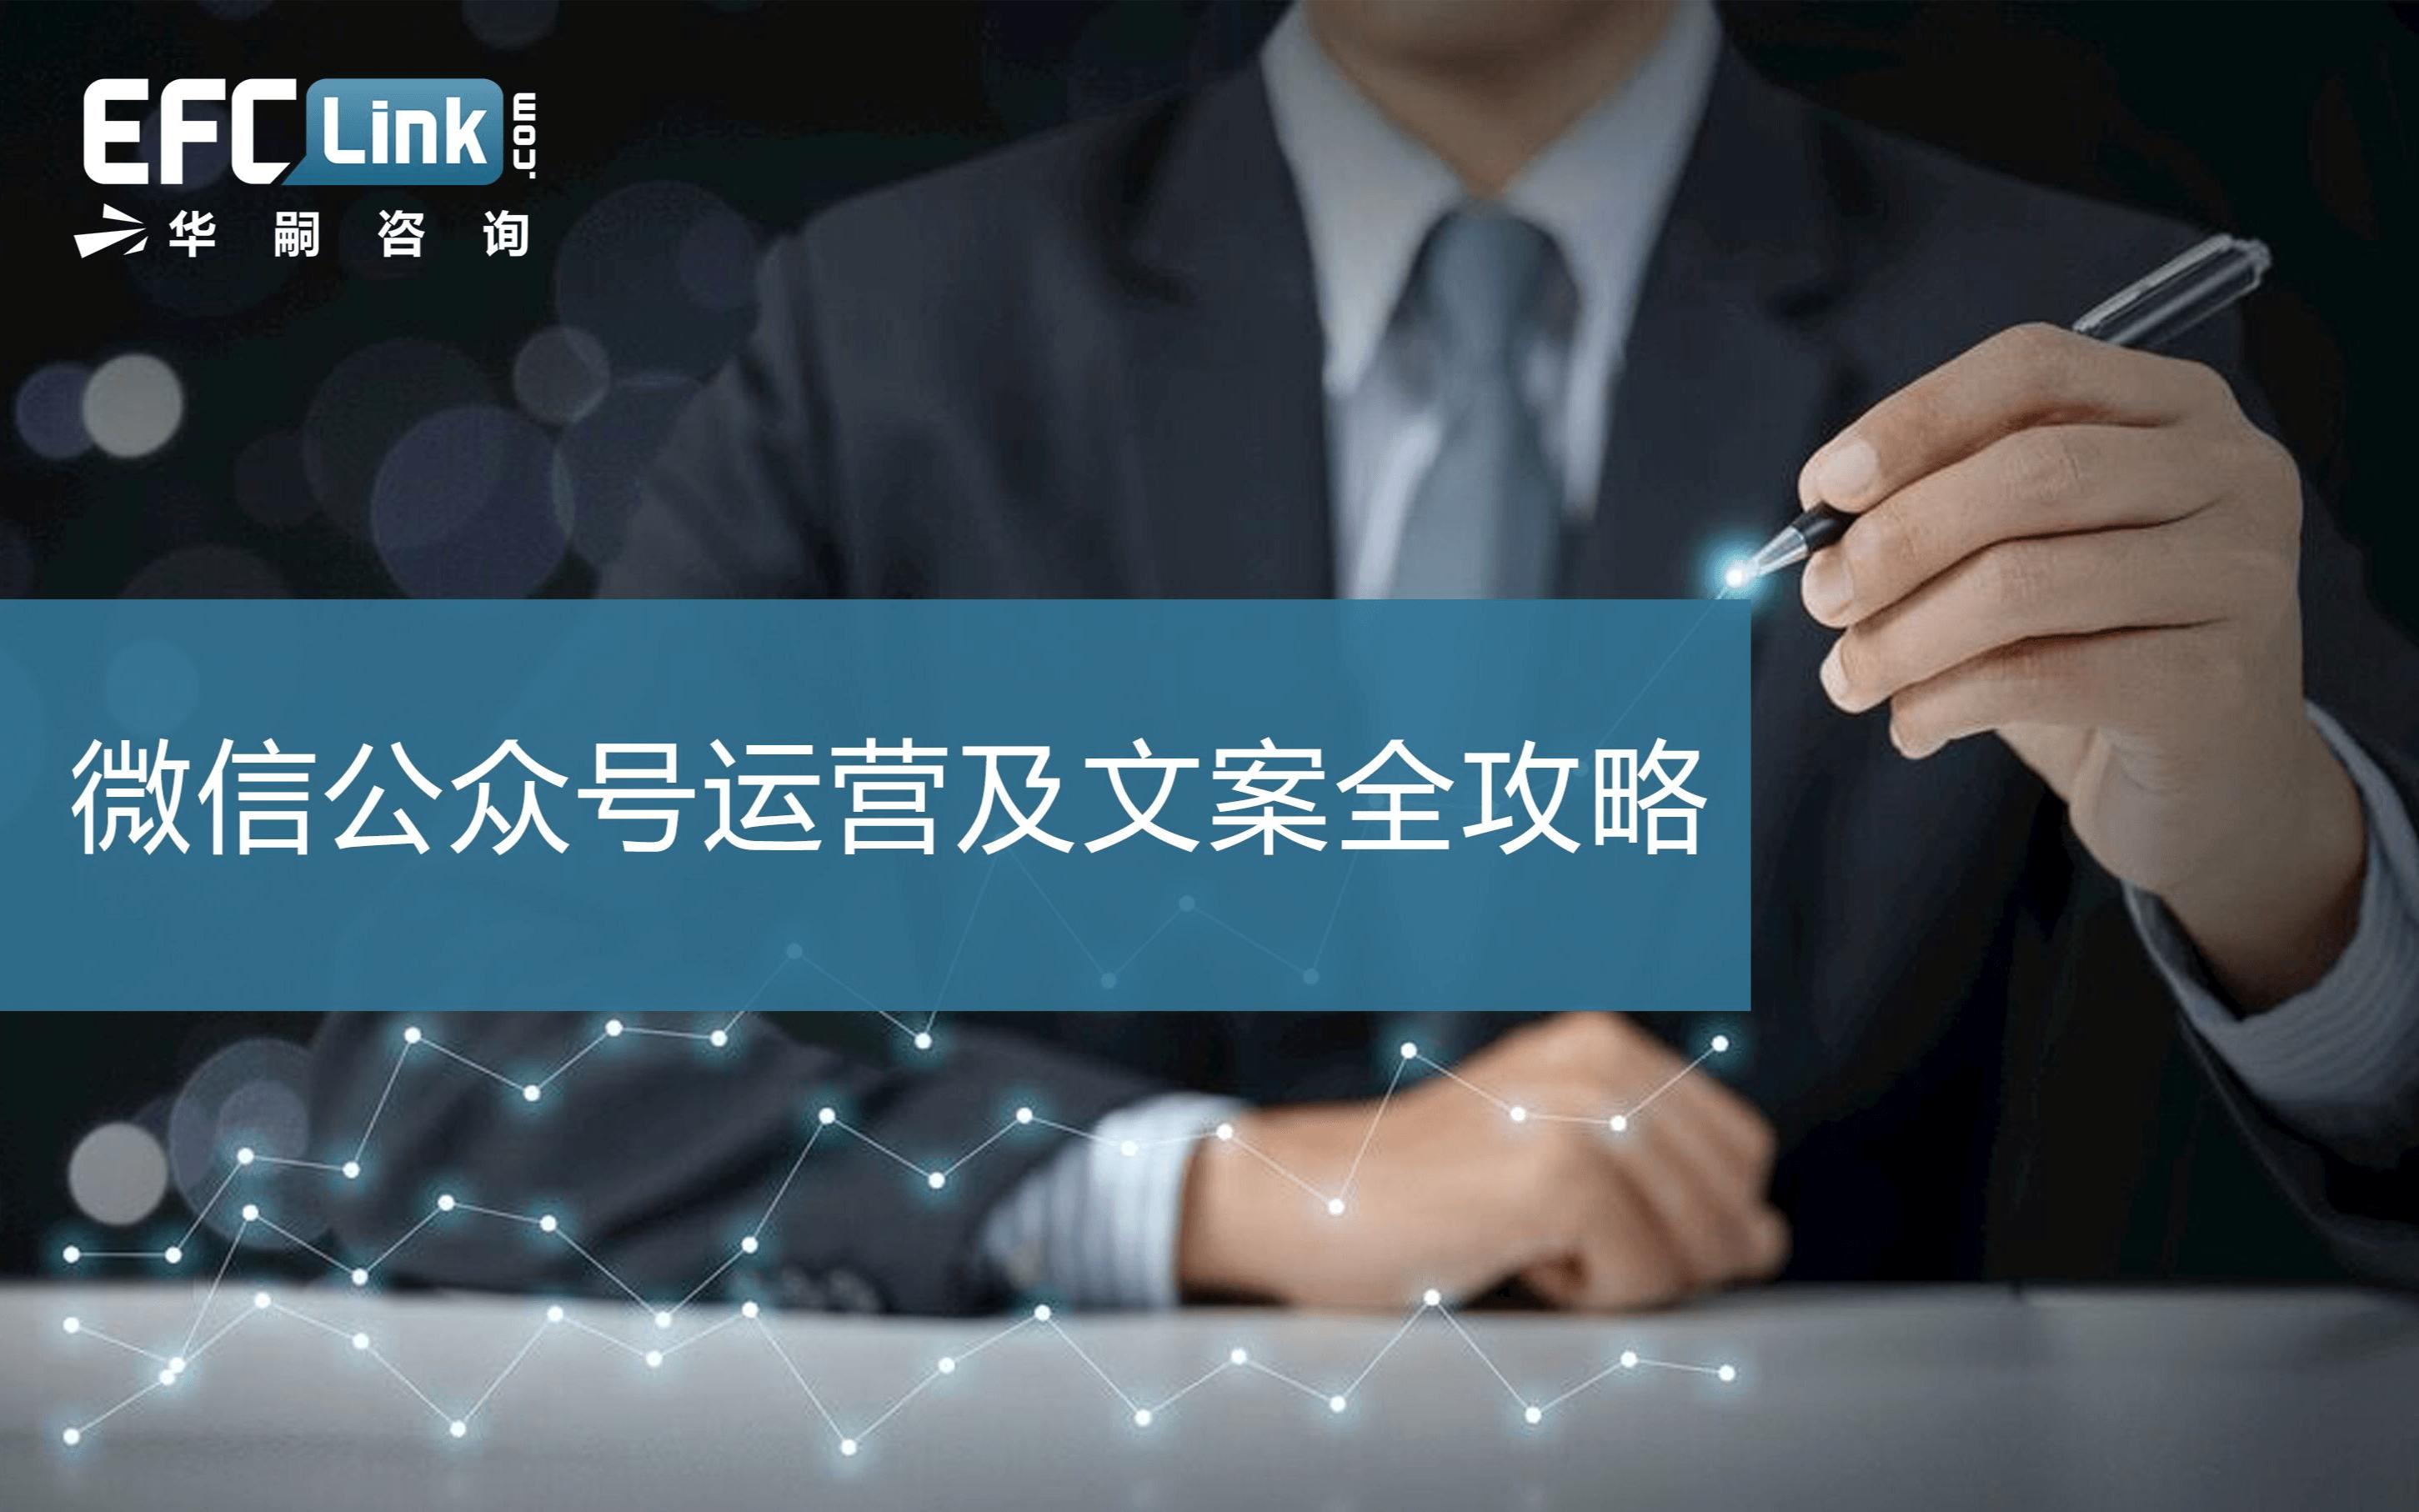 微信公众号运营及文案全攻略(深圳-4月23日)